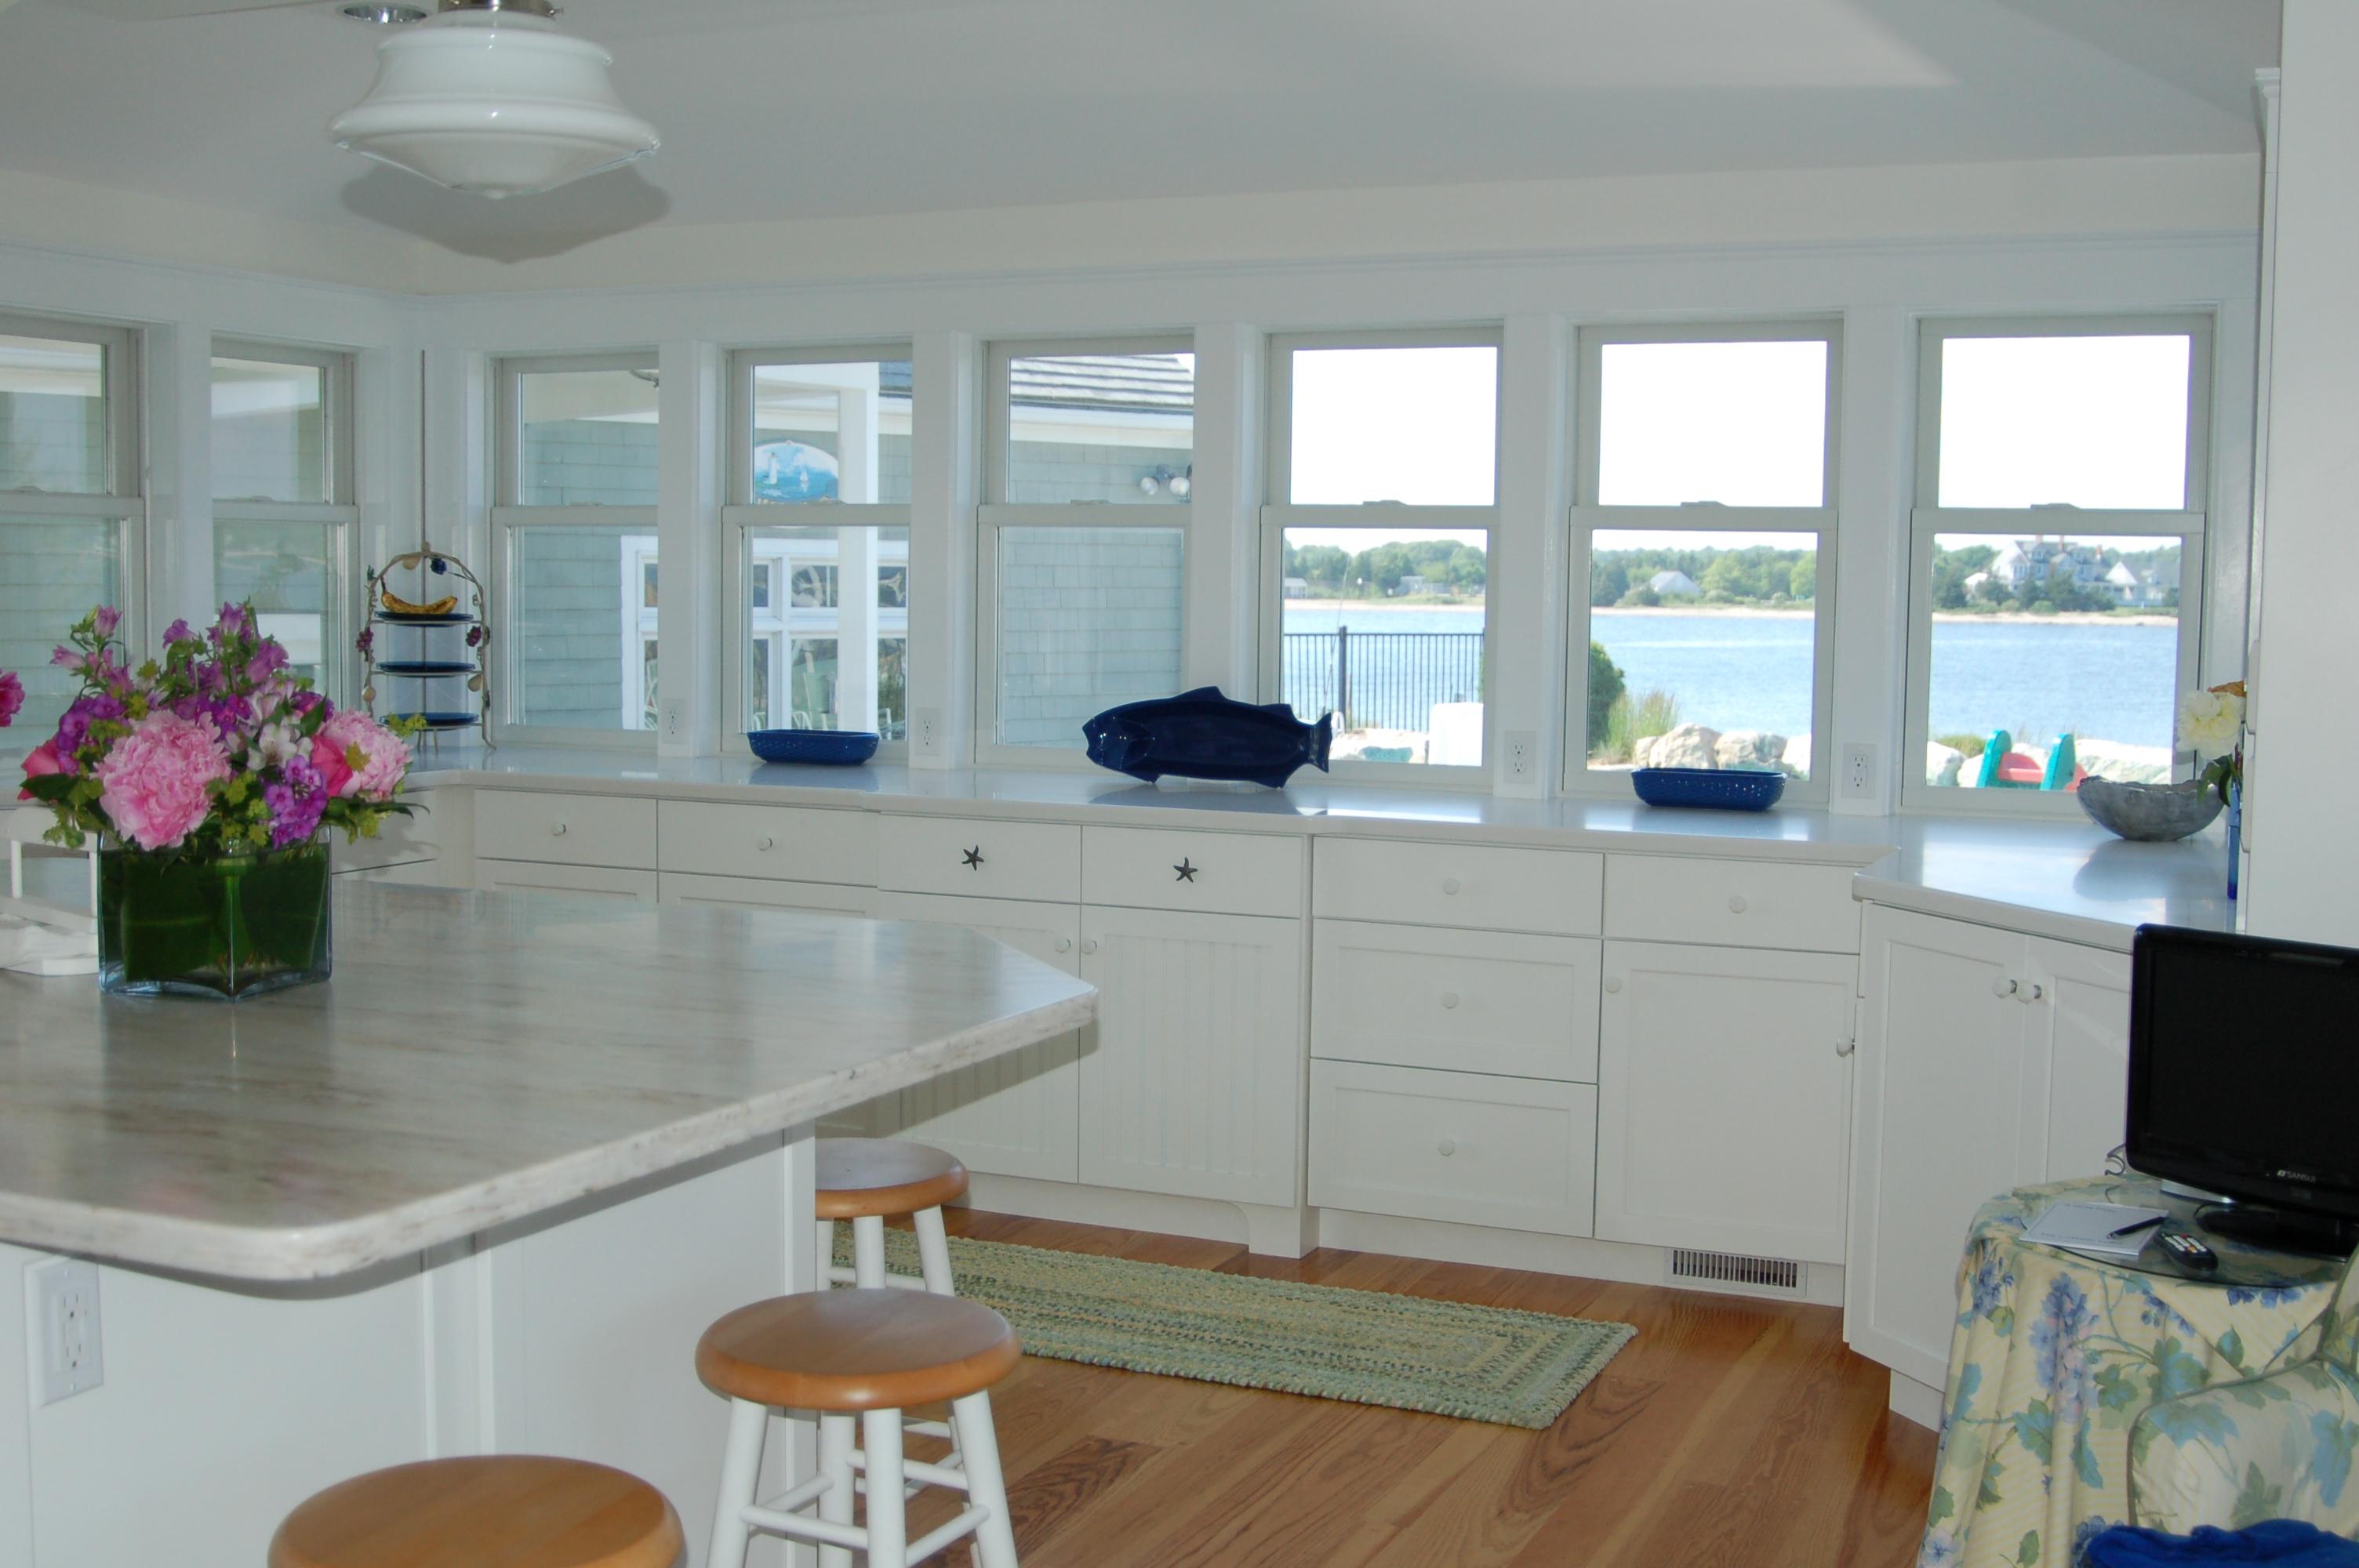 Sensational Custom Designed Kitchens Kb Details Custom Designed Download Free Architecture Designs Embacsunscenecom